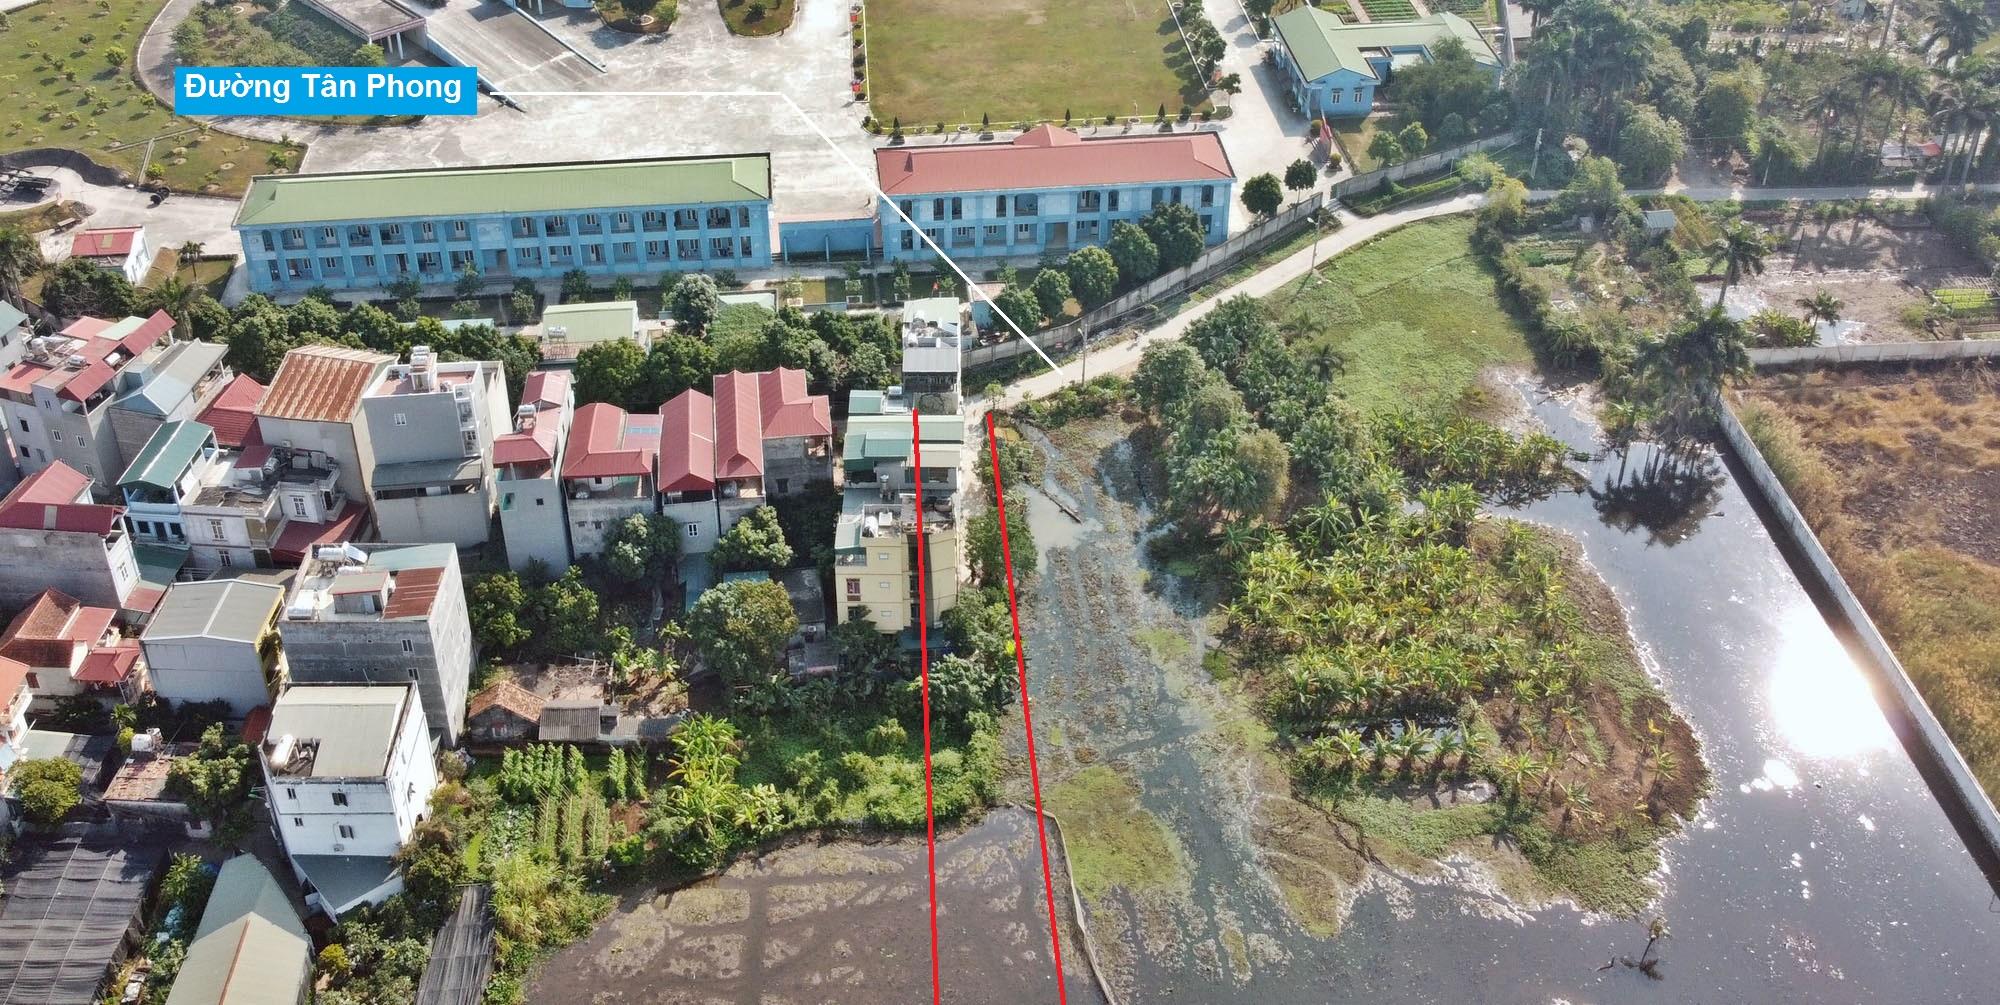 Ba đường sẽ mở theo qui hoạch ở phường Thụy Phương, Bắc Từ Liêm, Hà Nội (phần 2) - Ảnh 11.